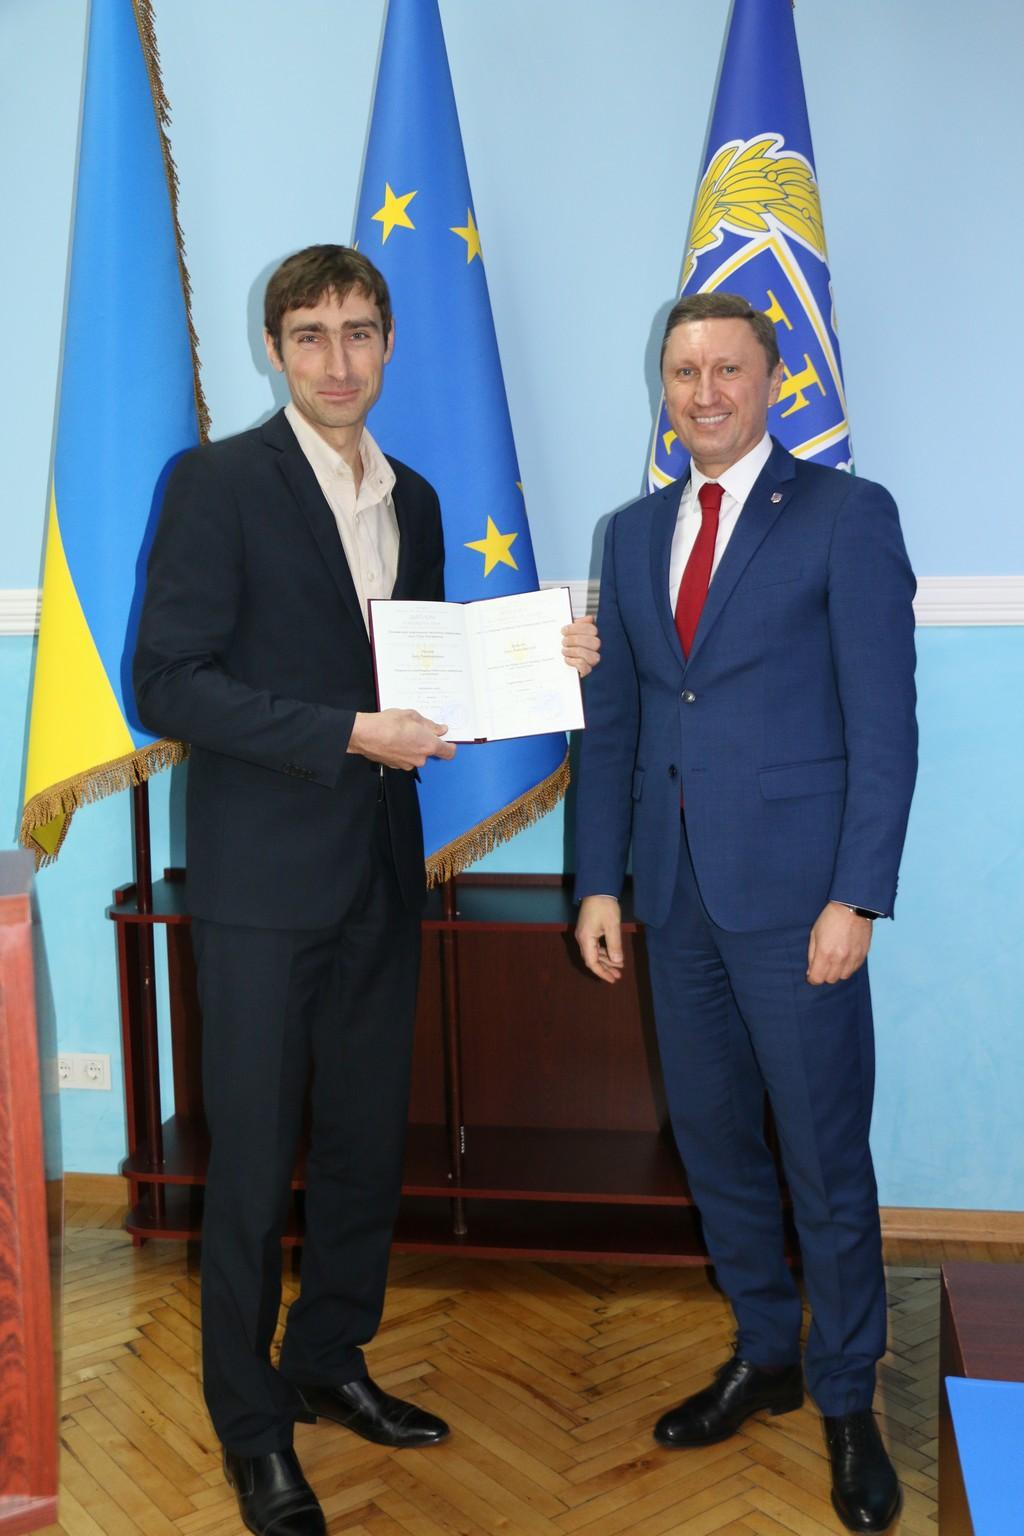 Іван Рогозін отримав диплом кандидата технічних наук